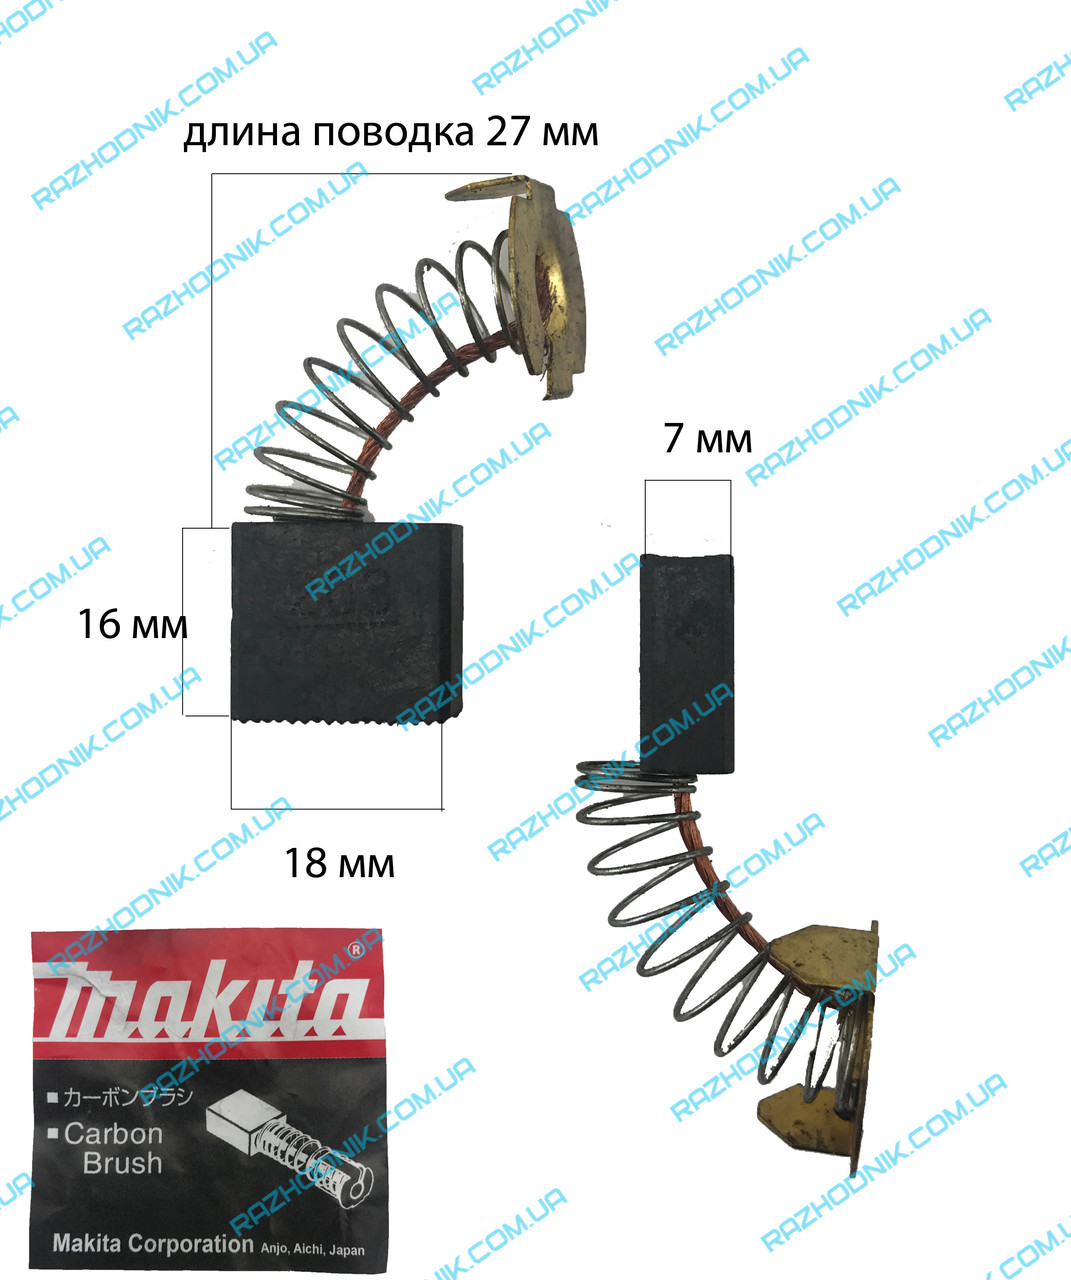 Щетка графитовая Makita CB-203 (7x18x16)